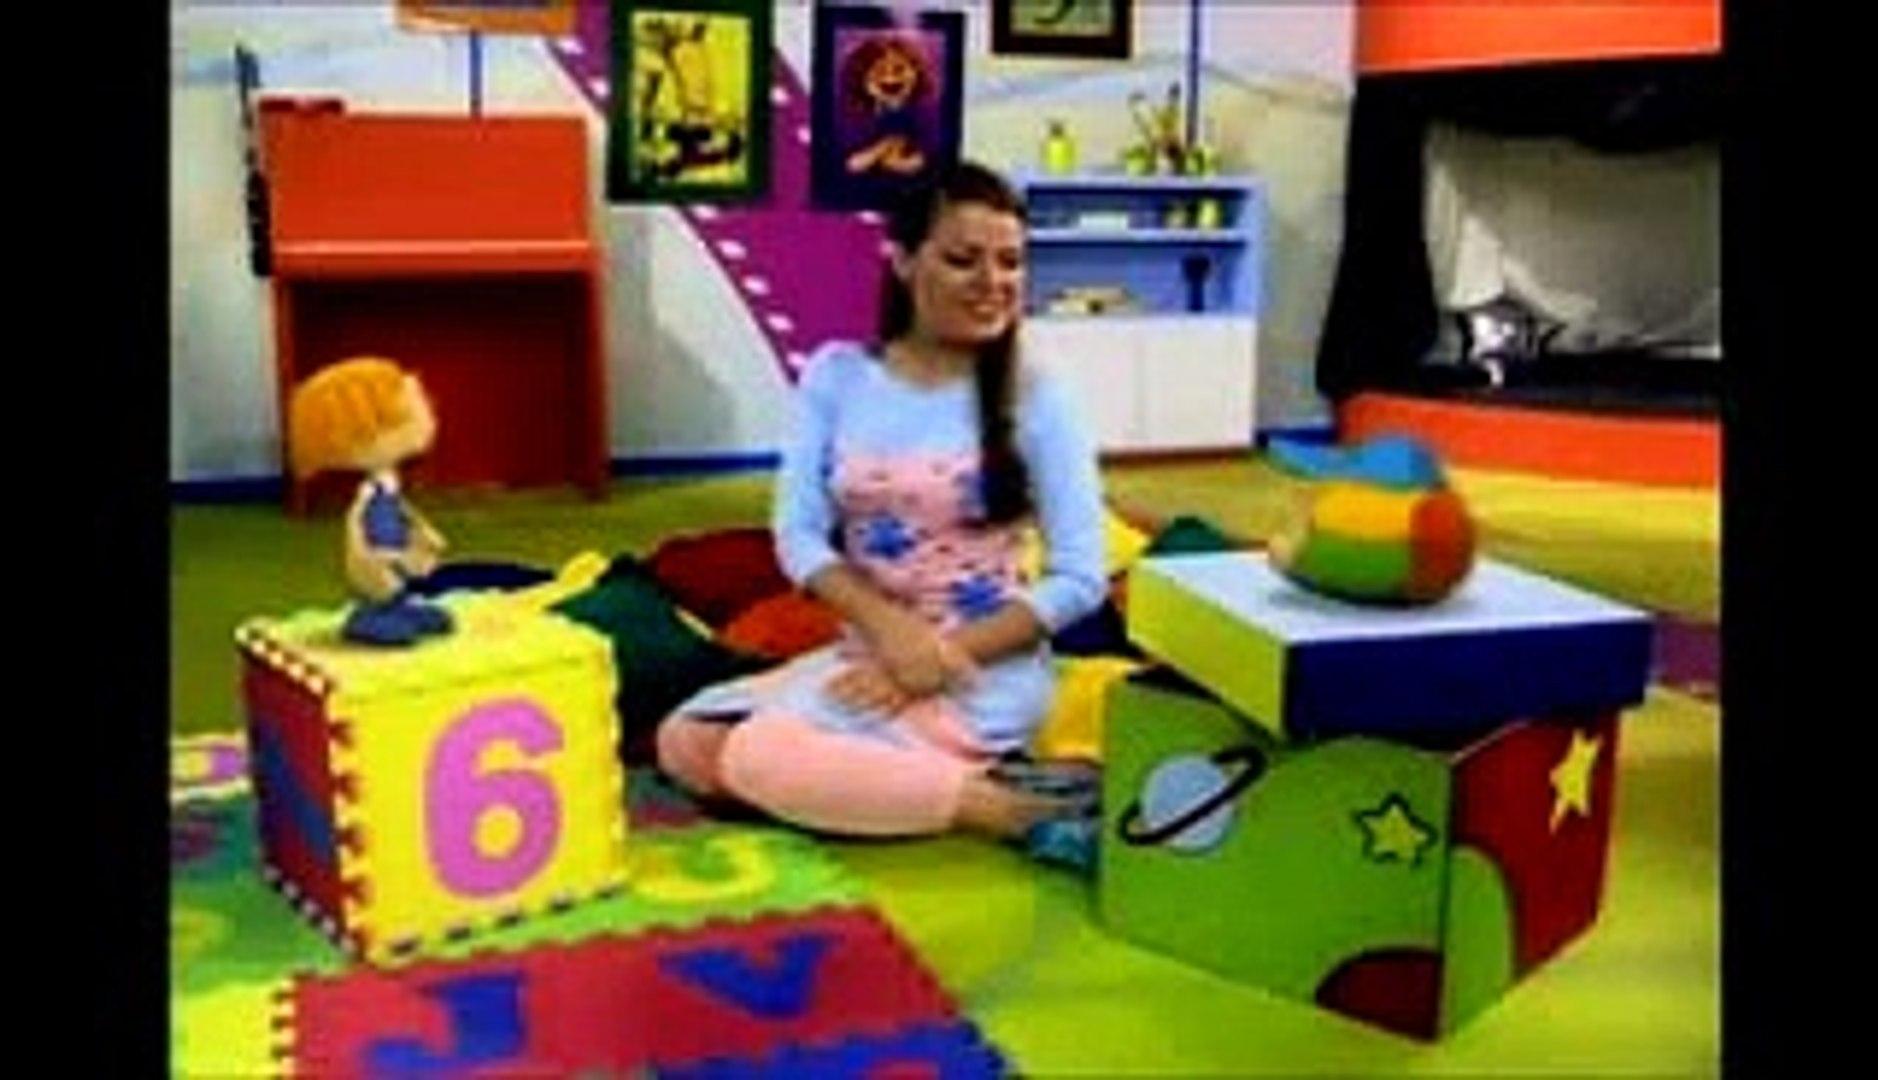 TRONO INFANTIL-QUEM JESUS BAIXAR DVD DO DIANTE E